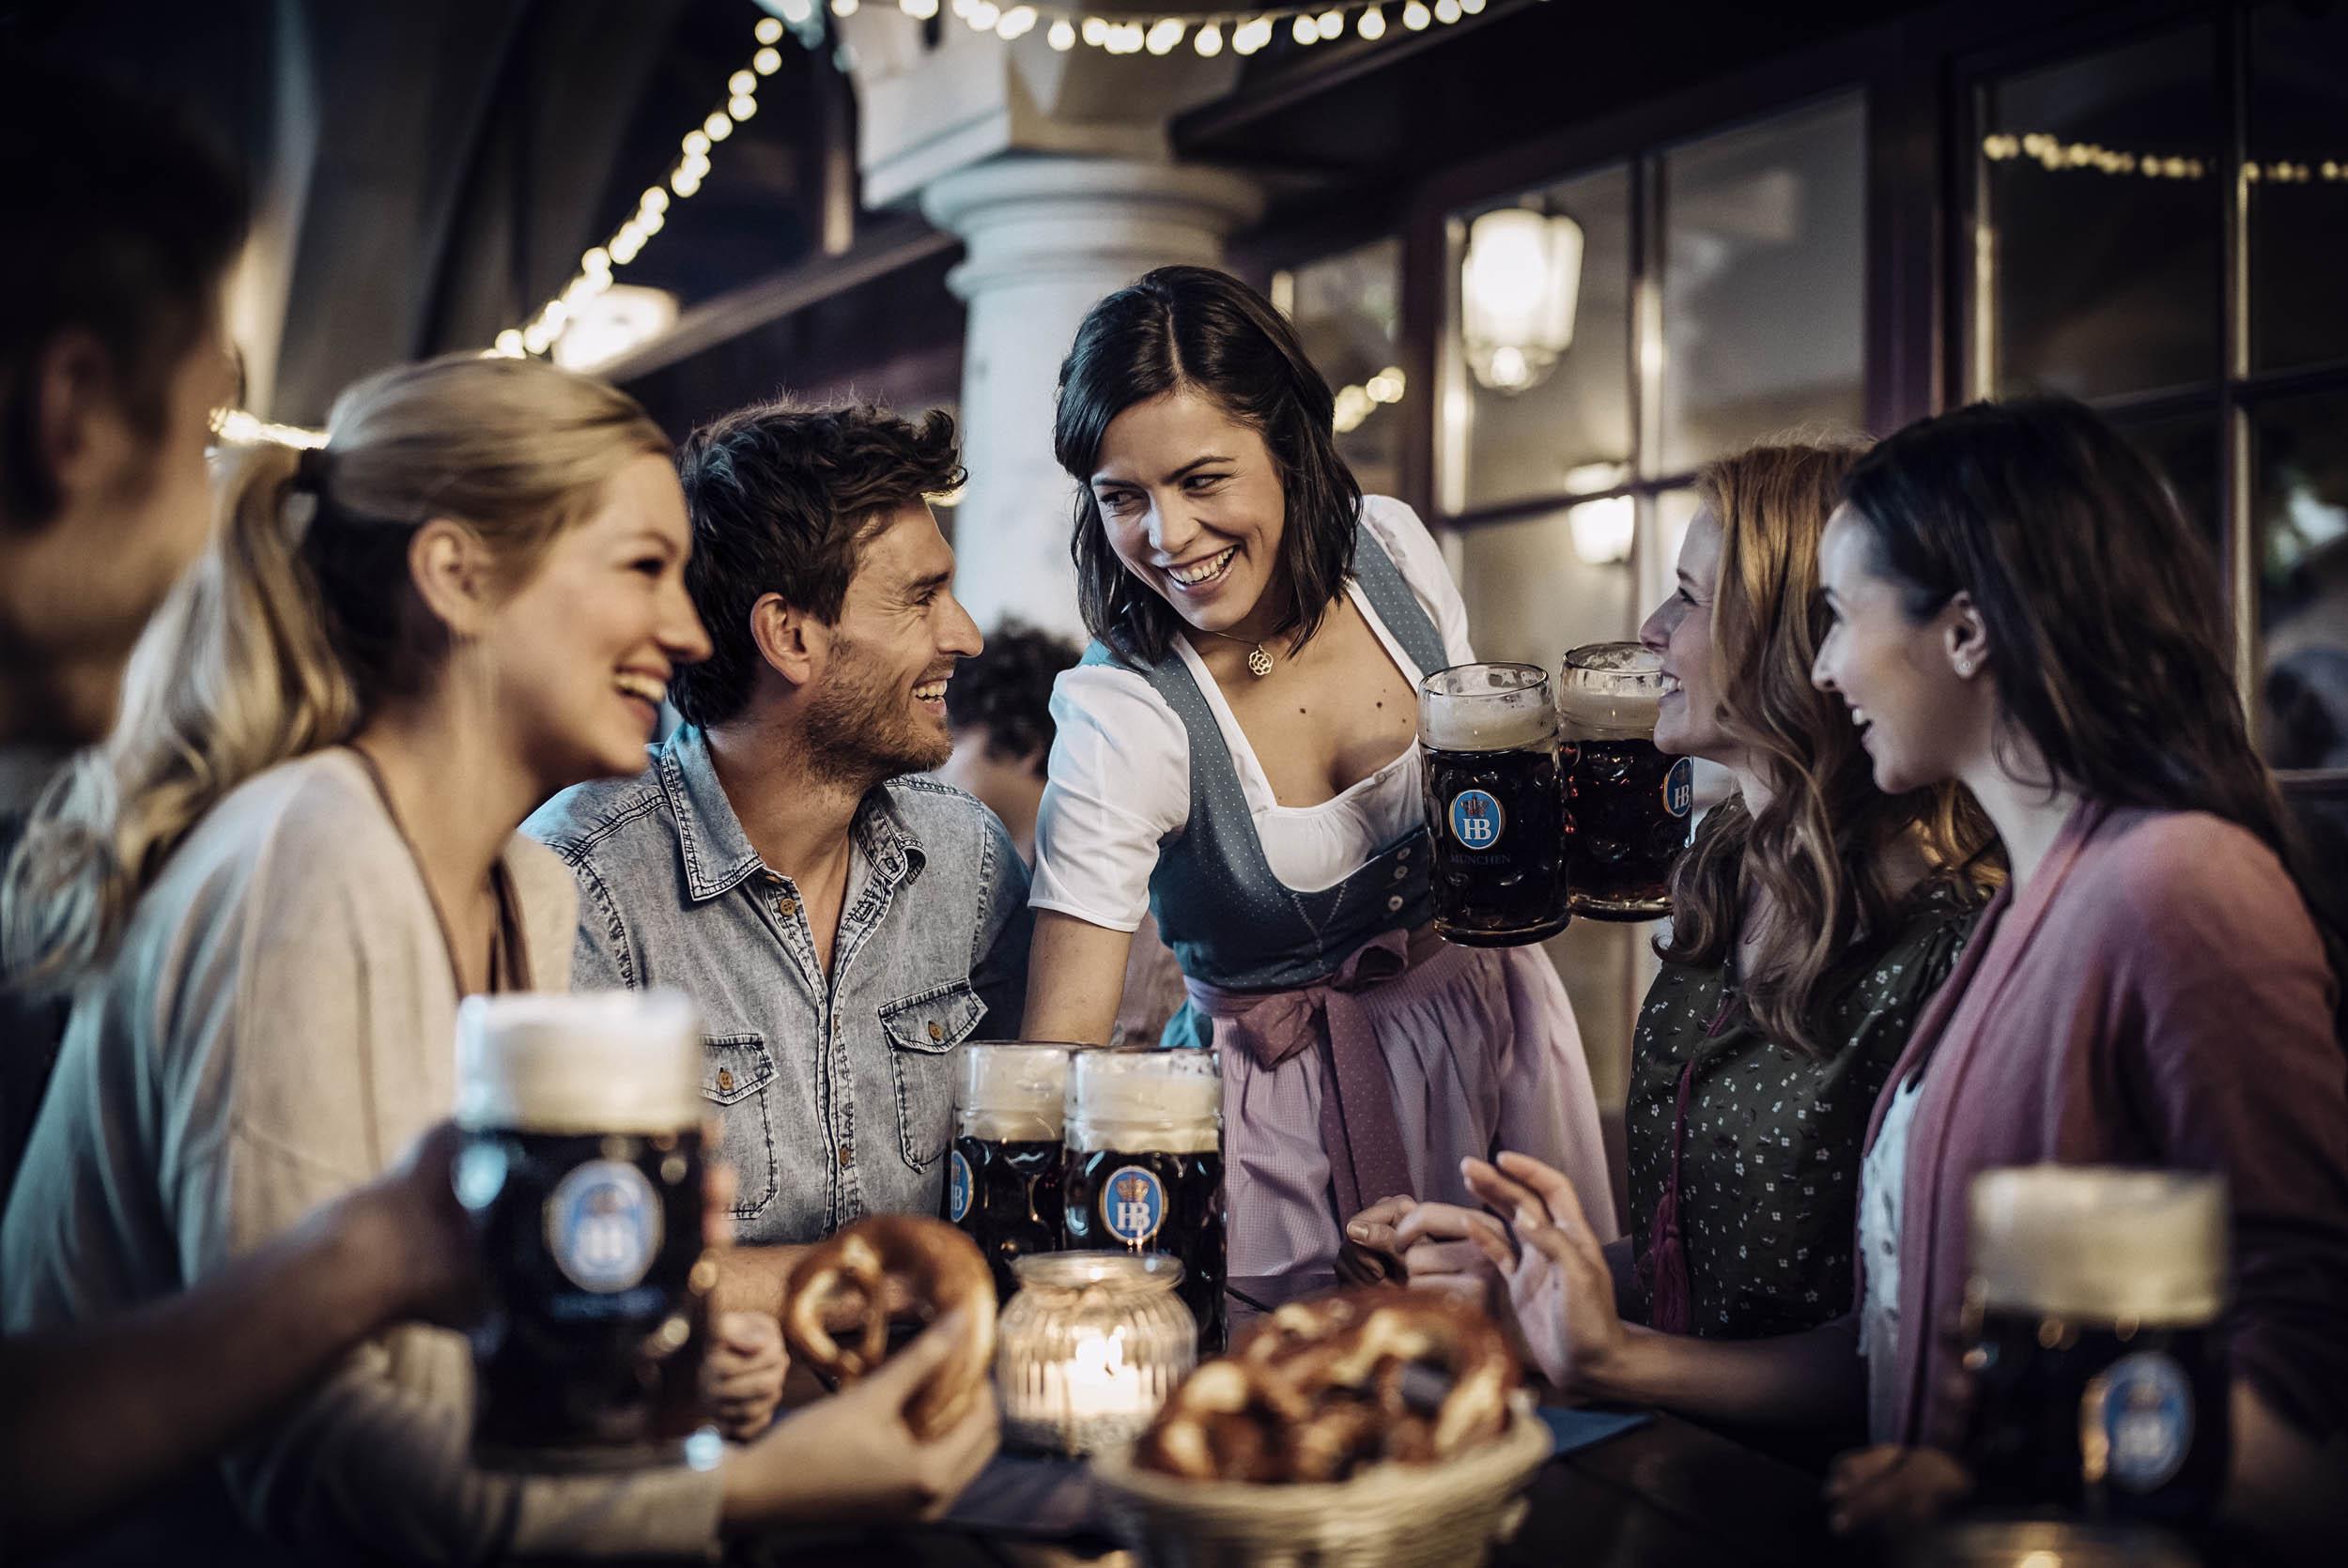 seifertuebler-lifestyle-hofbraeu-muenchen-oktoberfest-beer-12.jpg